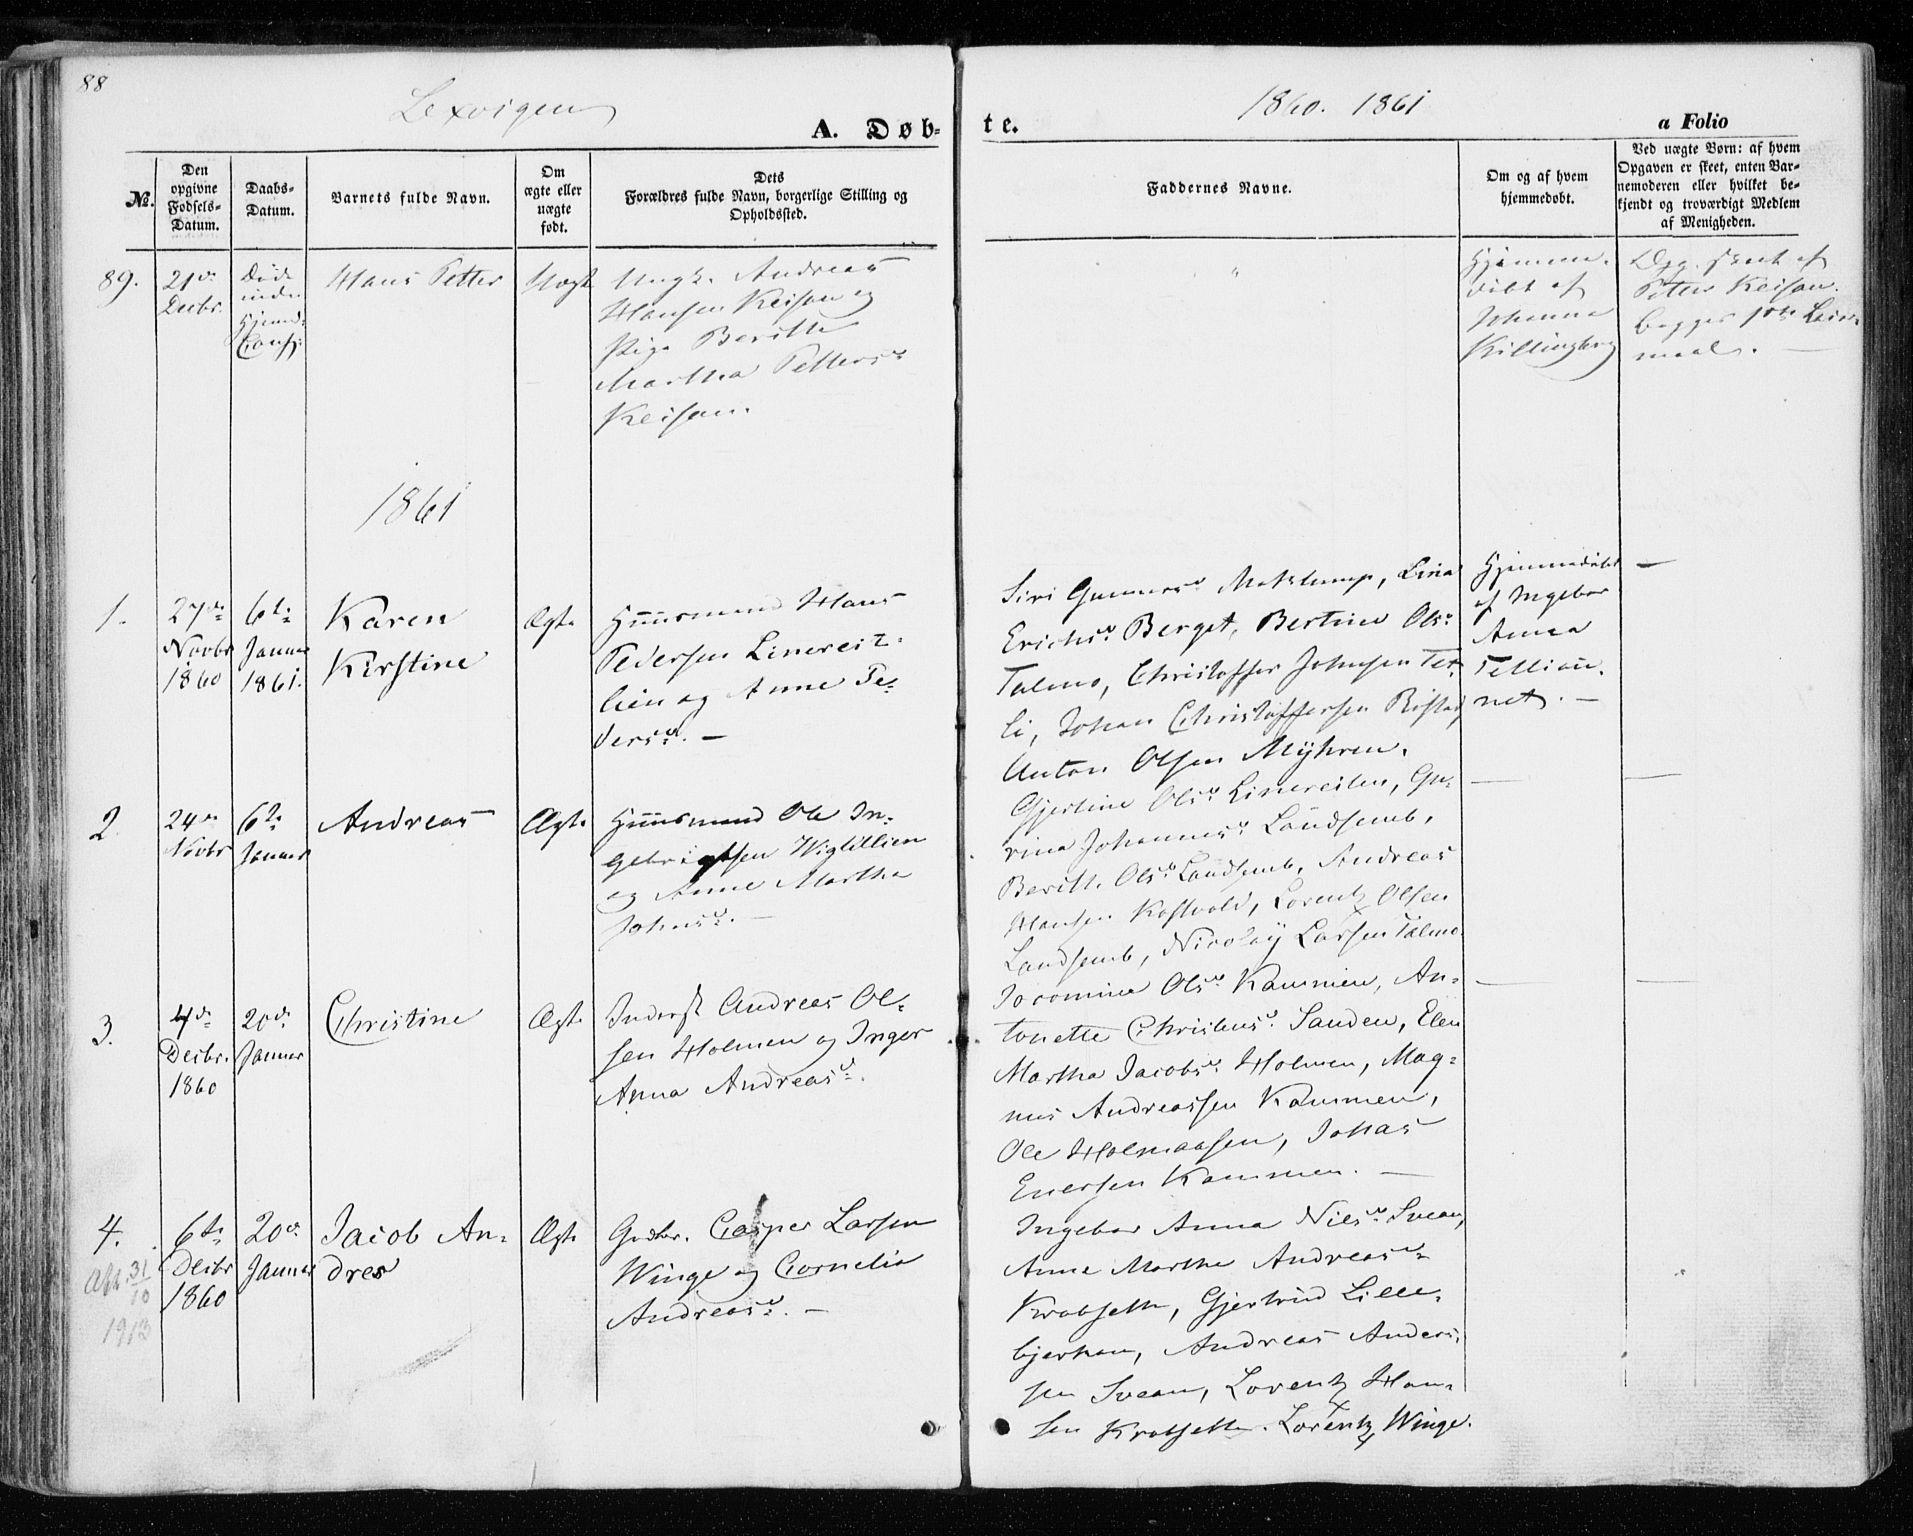 SAT, Ministerialprotokoller, klokkerbøker og fødselsregistre - Nord-Trøndelag, 701/L0008: Parish register (official) no. 701A08 /1, 1854-1863, p. 88